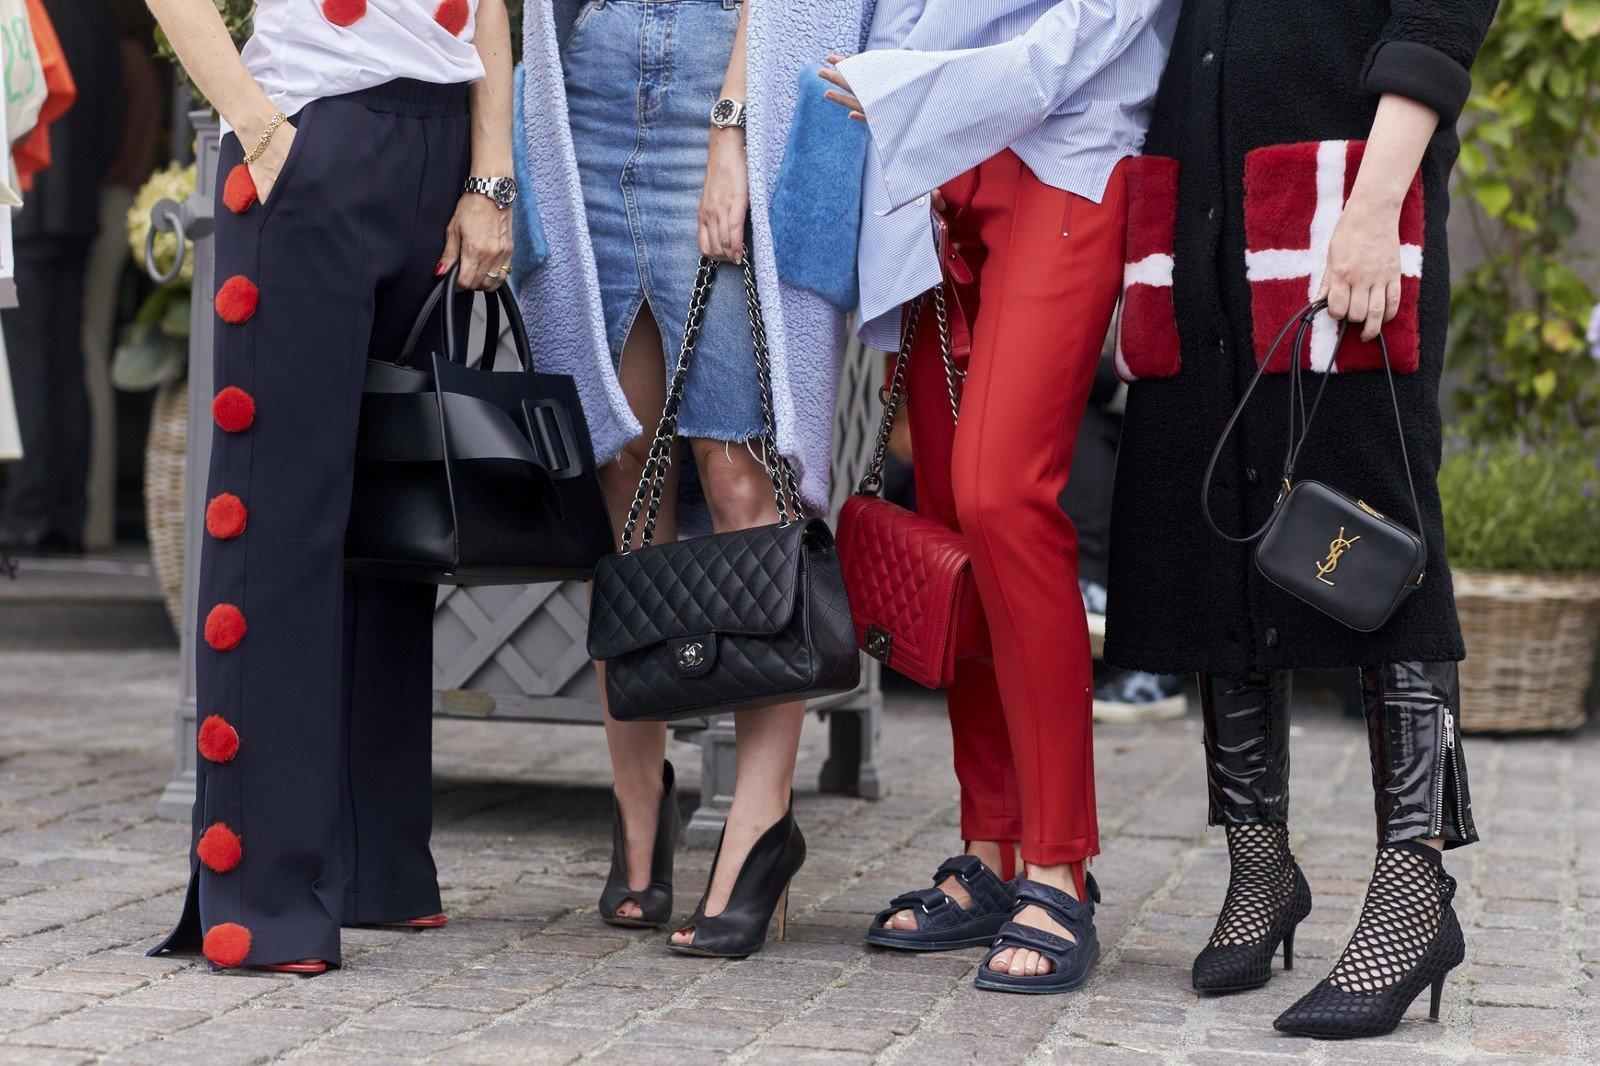 Moda Donna Primavera Estate 2019: le tendenze su cui puntare